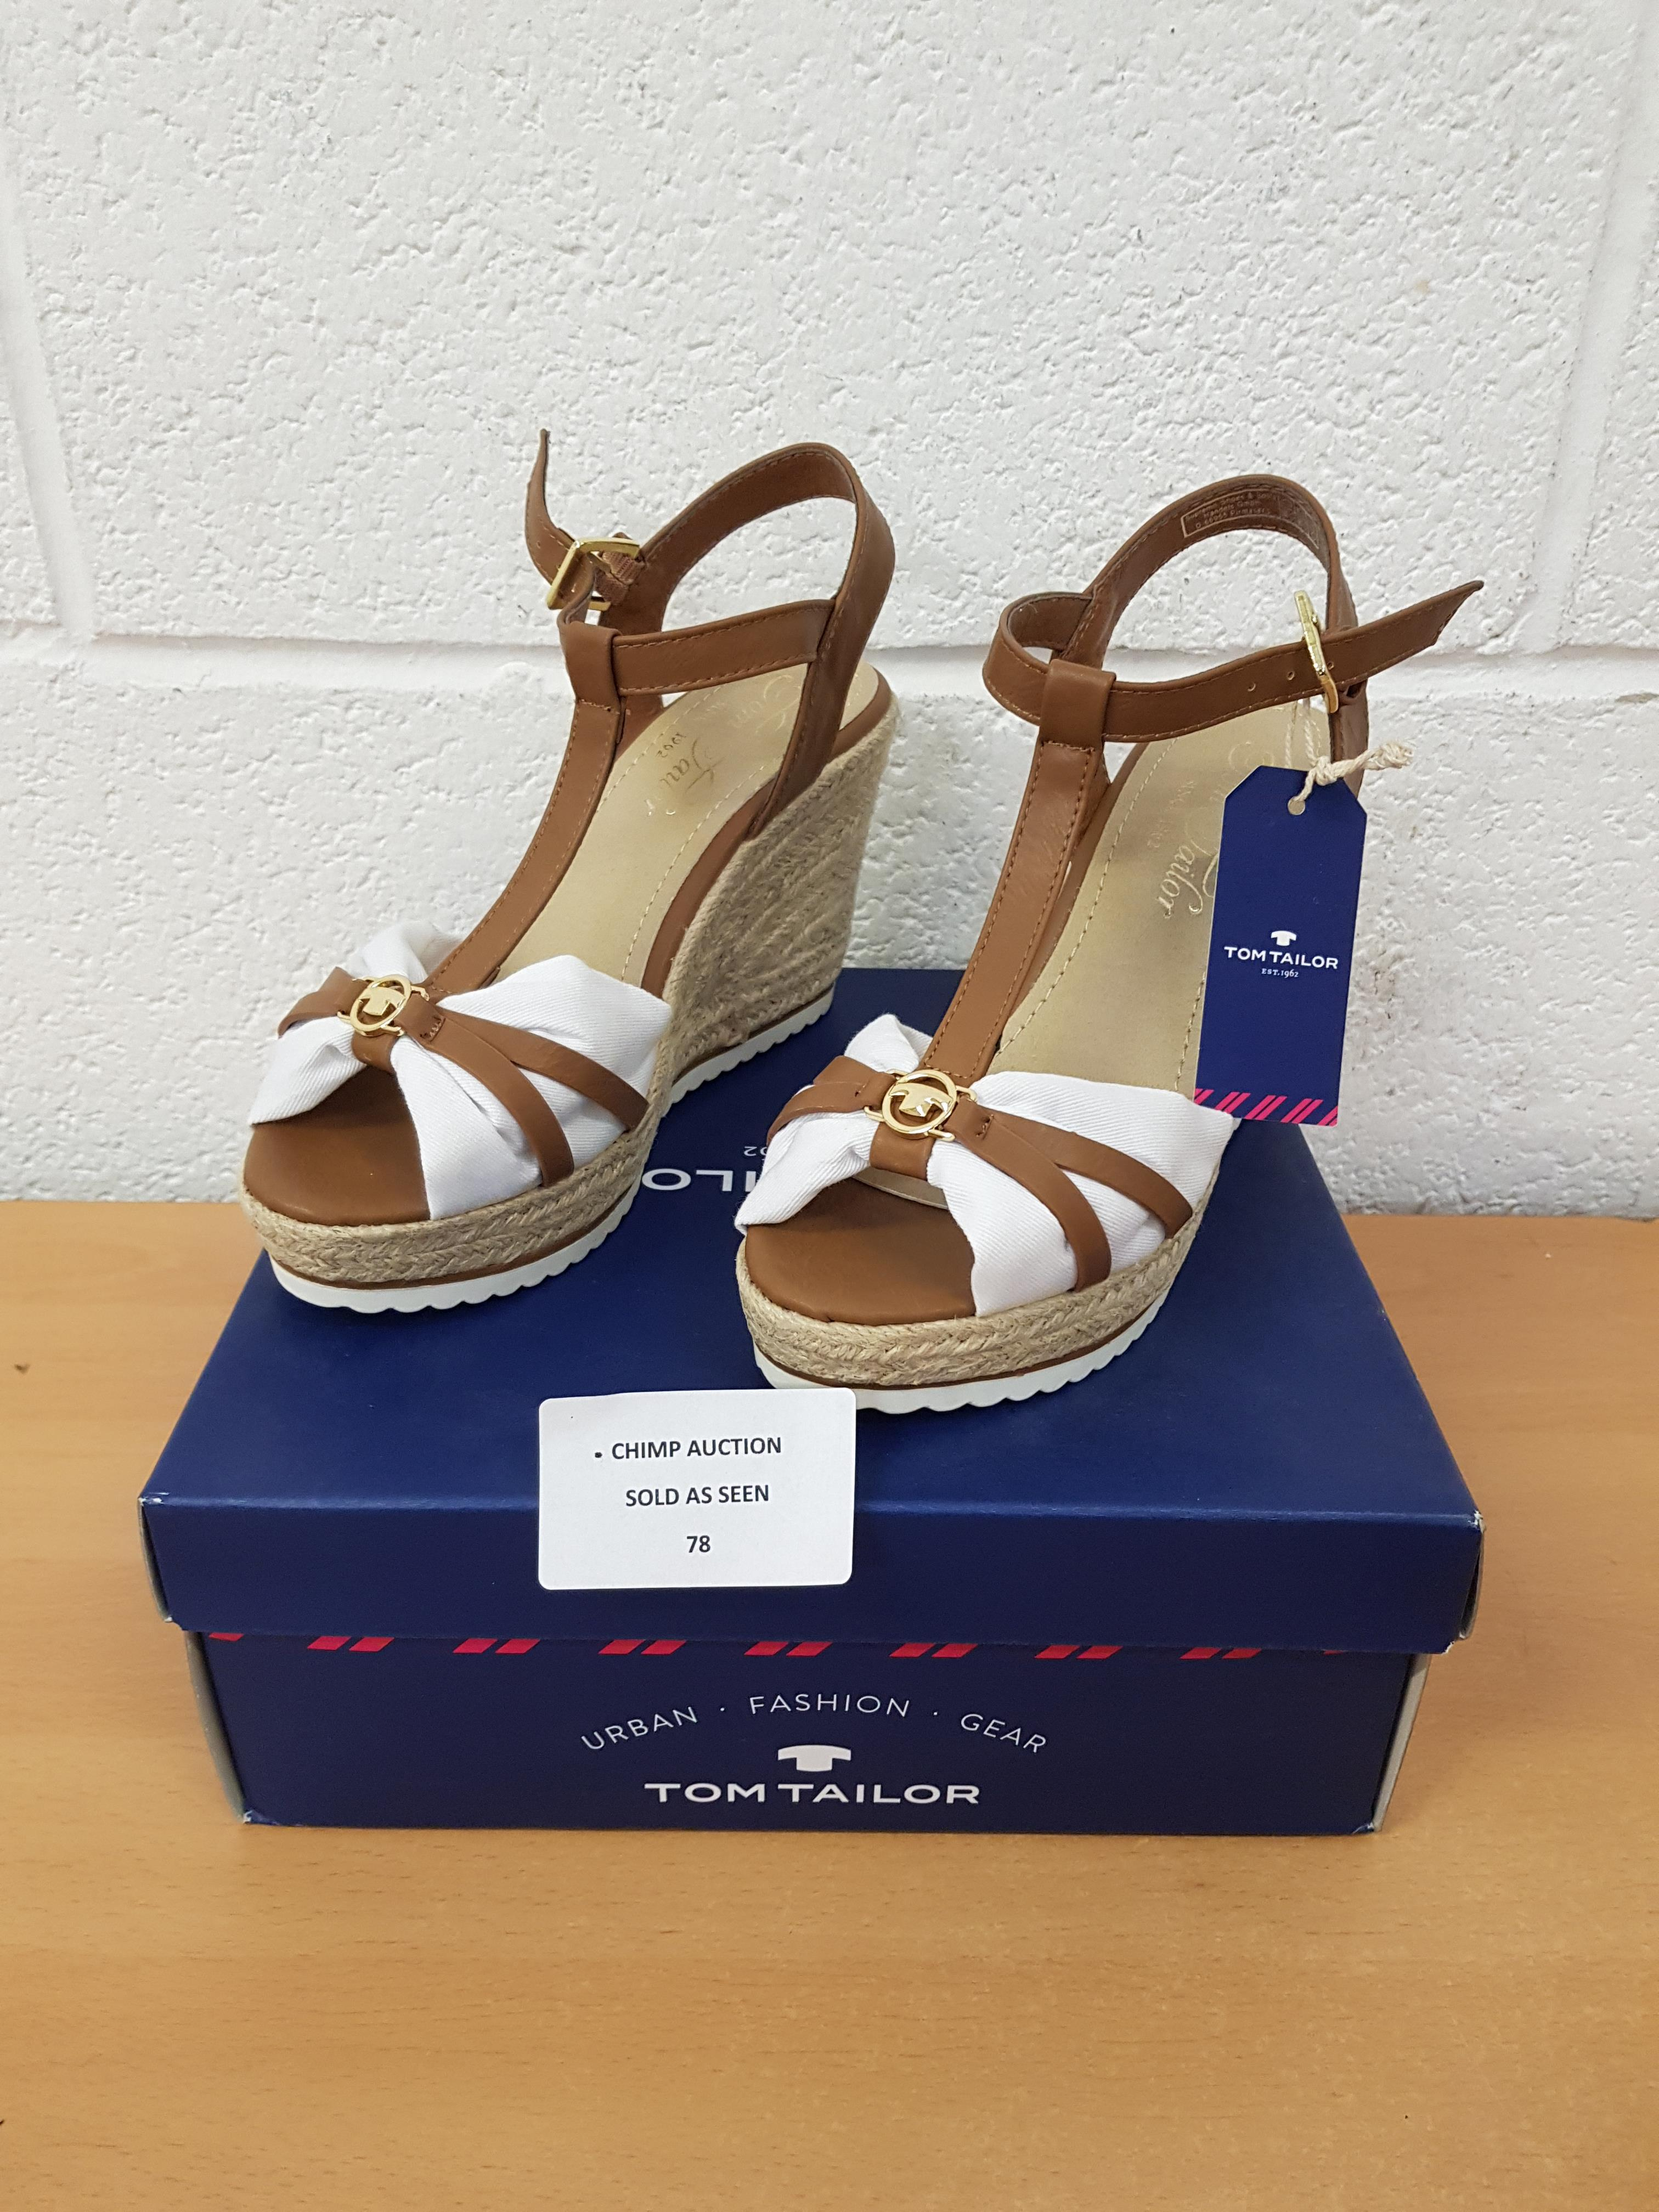 Lot 78 - Tom Tailor ladies shoes EU 38